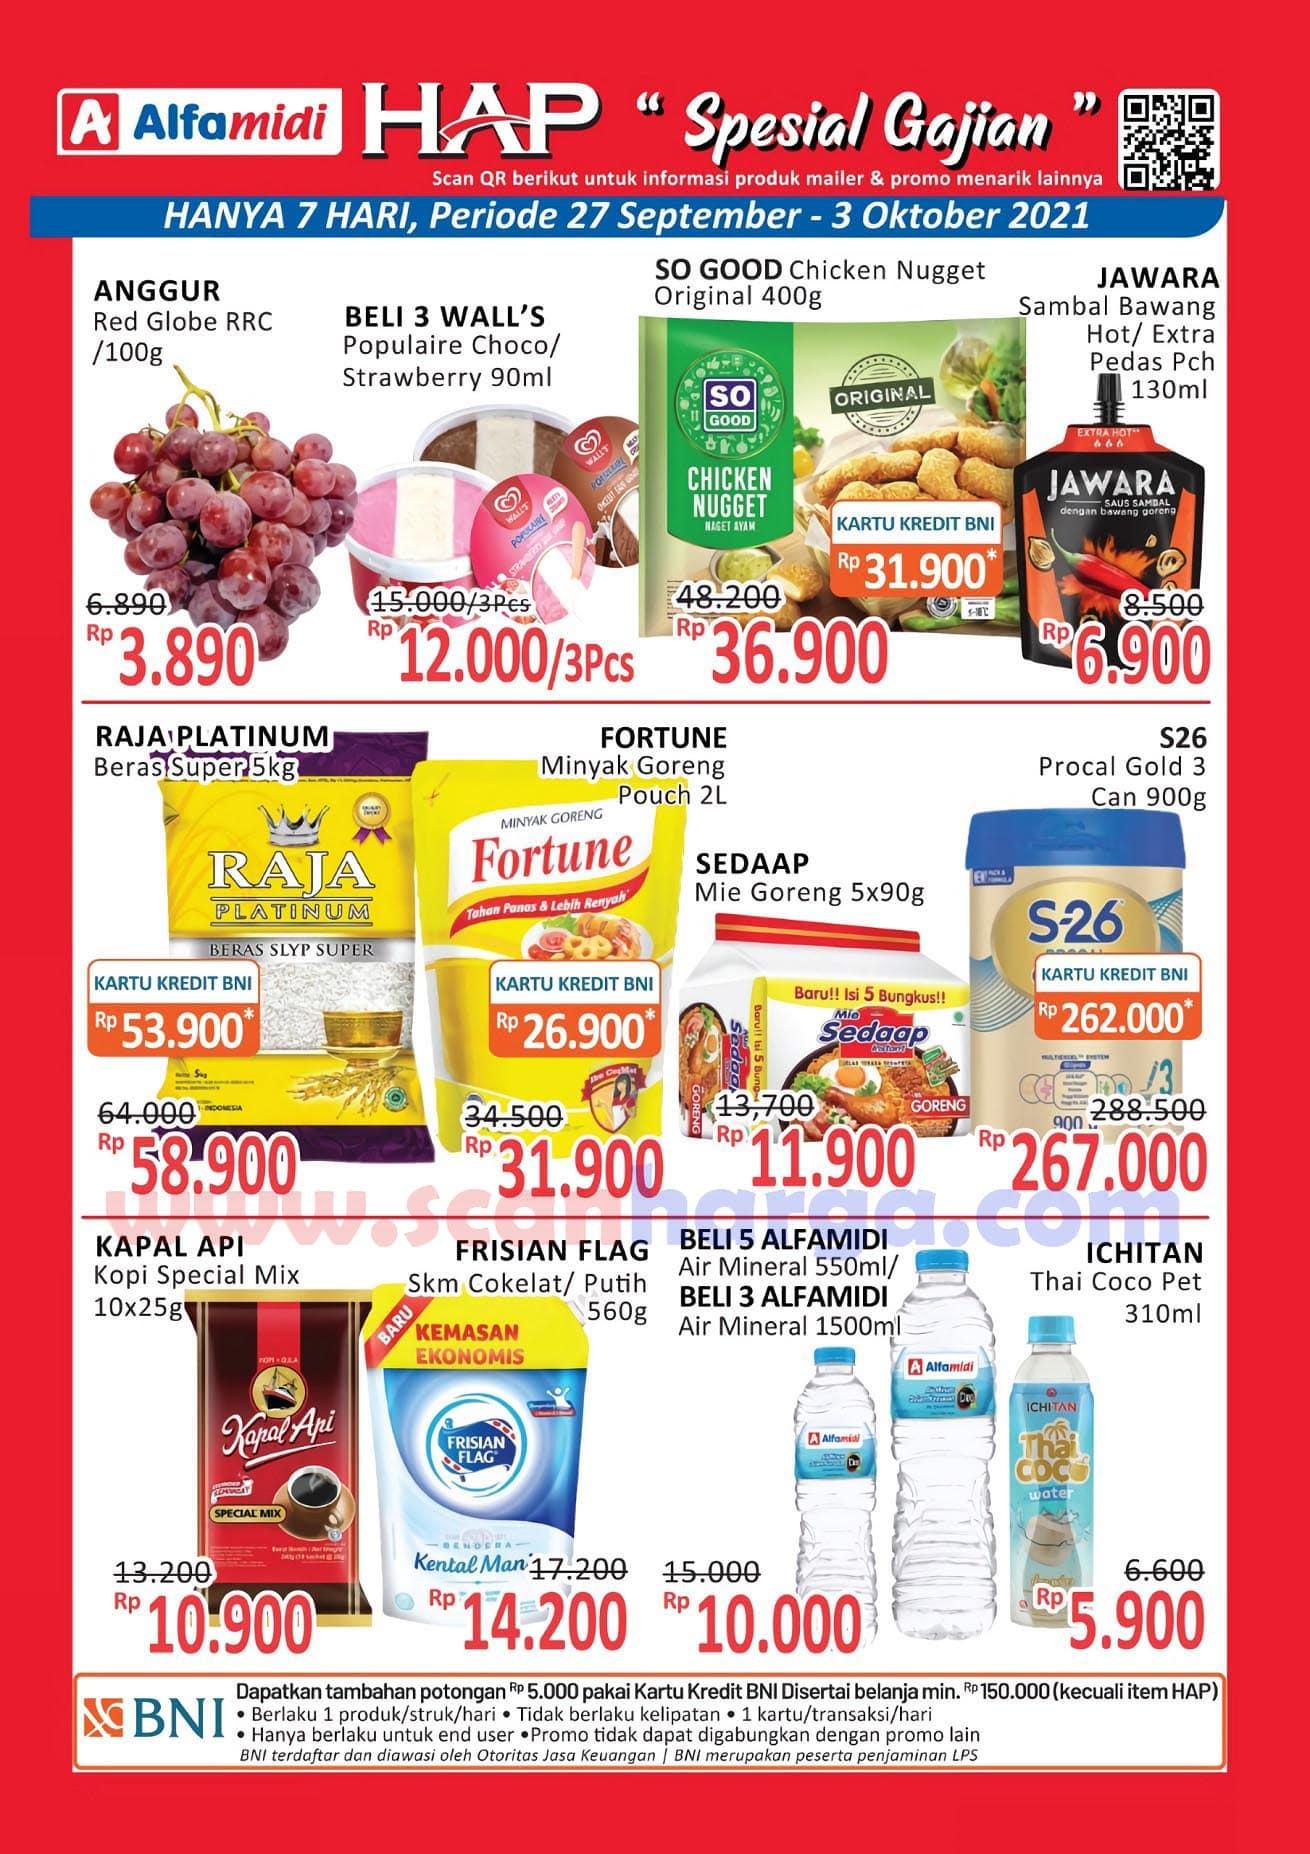 Katalog HAP Promo Alfamidi Satu Pekan 27 September - 3 Oktober 2021 1